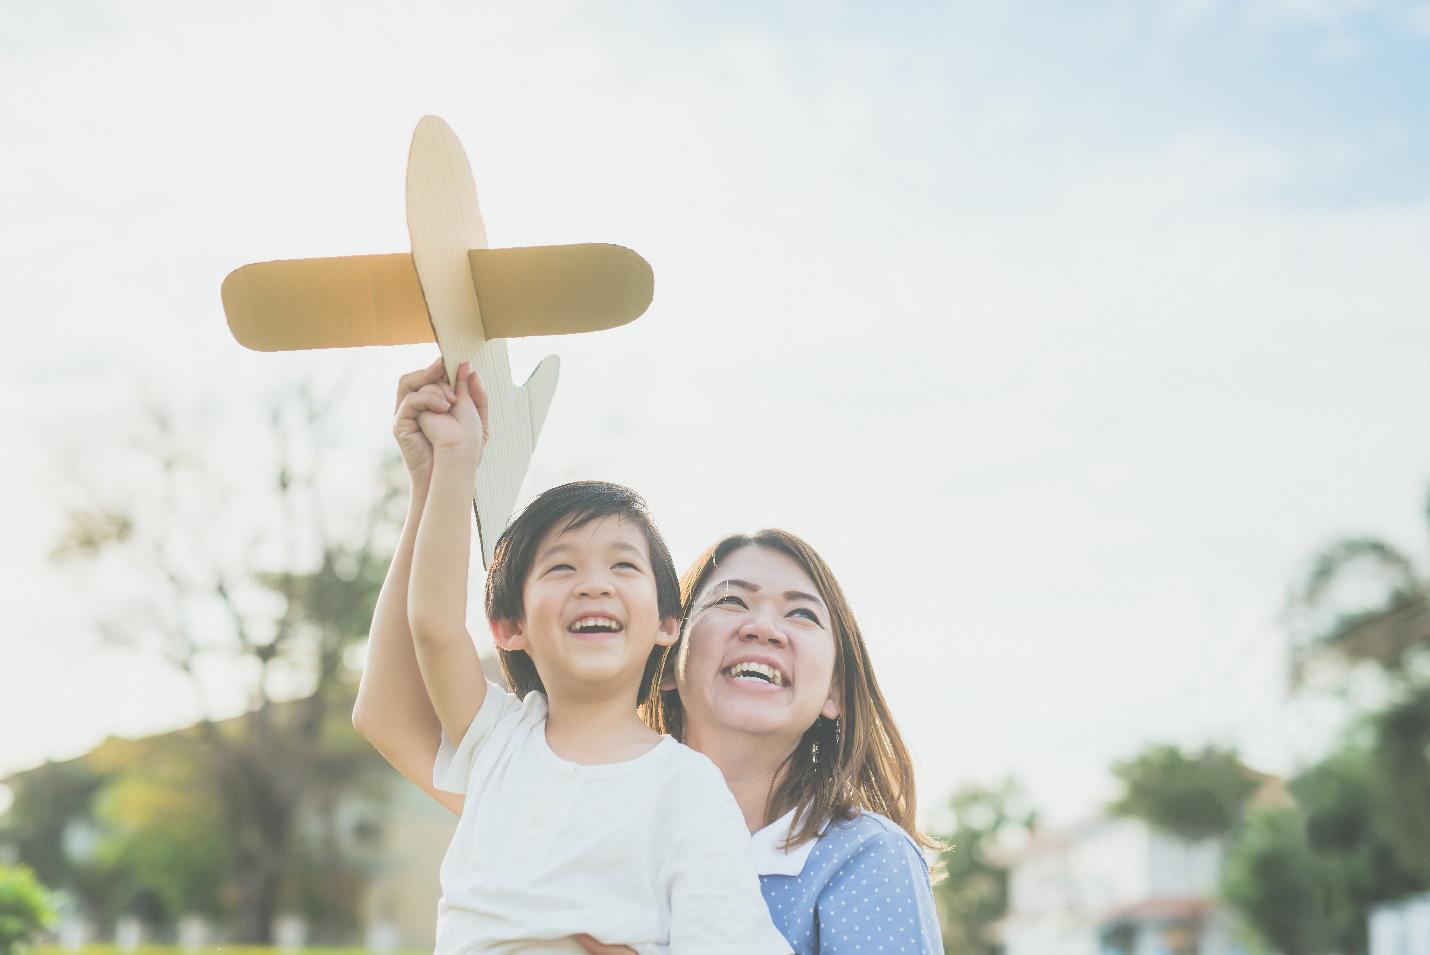 Bàn tròn chuyên gia Nuôi dạy sáng tạo cho thế hệ thông minh hứa hẹn đem lại nhiều điều bổ ích - Ảnh 2.